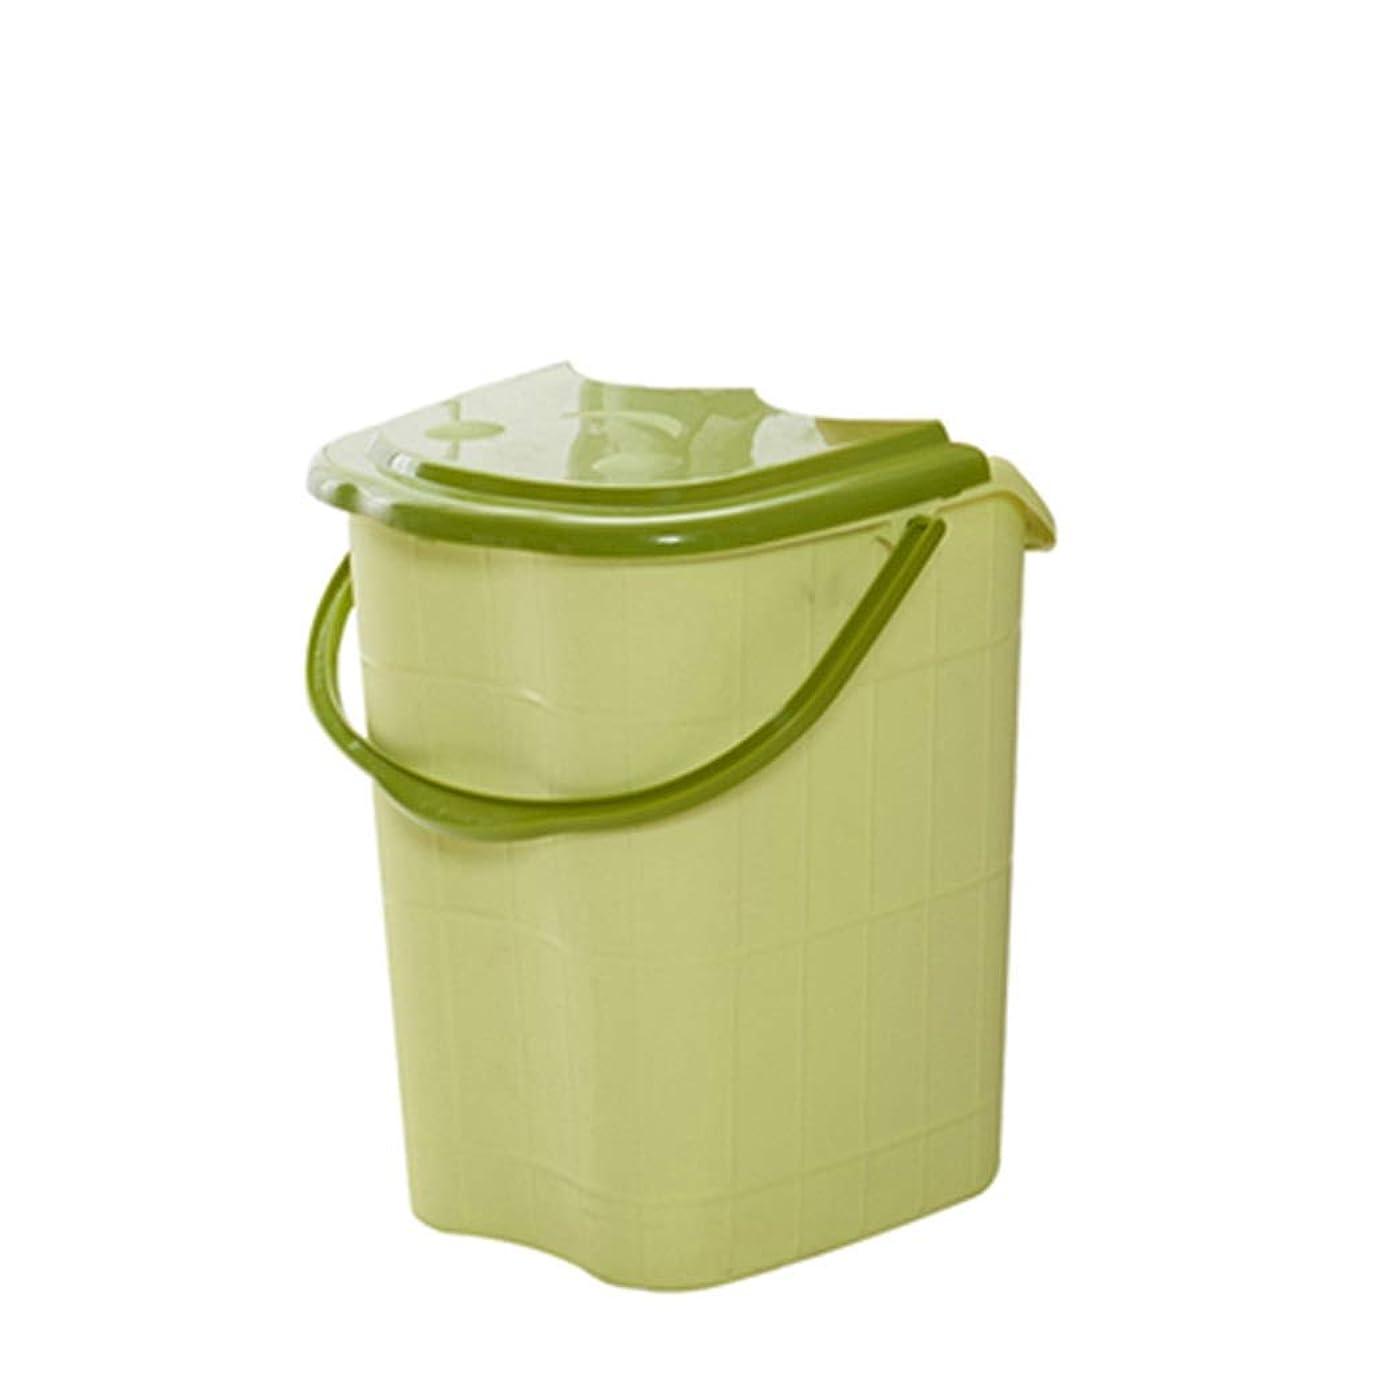 ぎこちない郡メキシコBB- ?AMT高さ特大マッサージ浴槽ポータブルふた付きフットバスバケット熱保存デトックススパボウル 0405 (色 : 緑, サイズ さいず : 44*42*53cm)